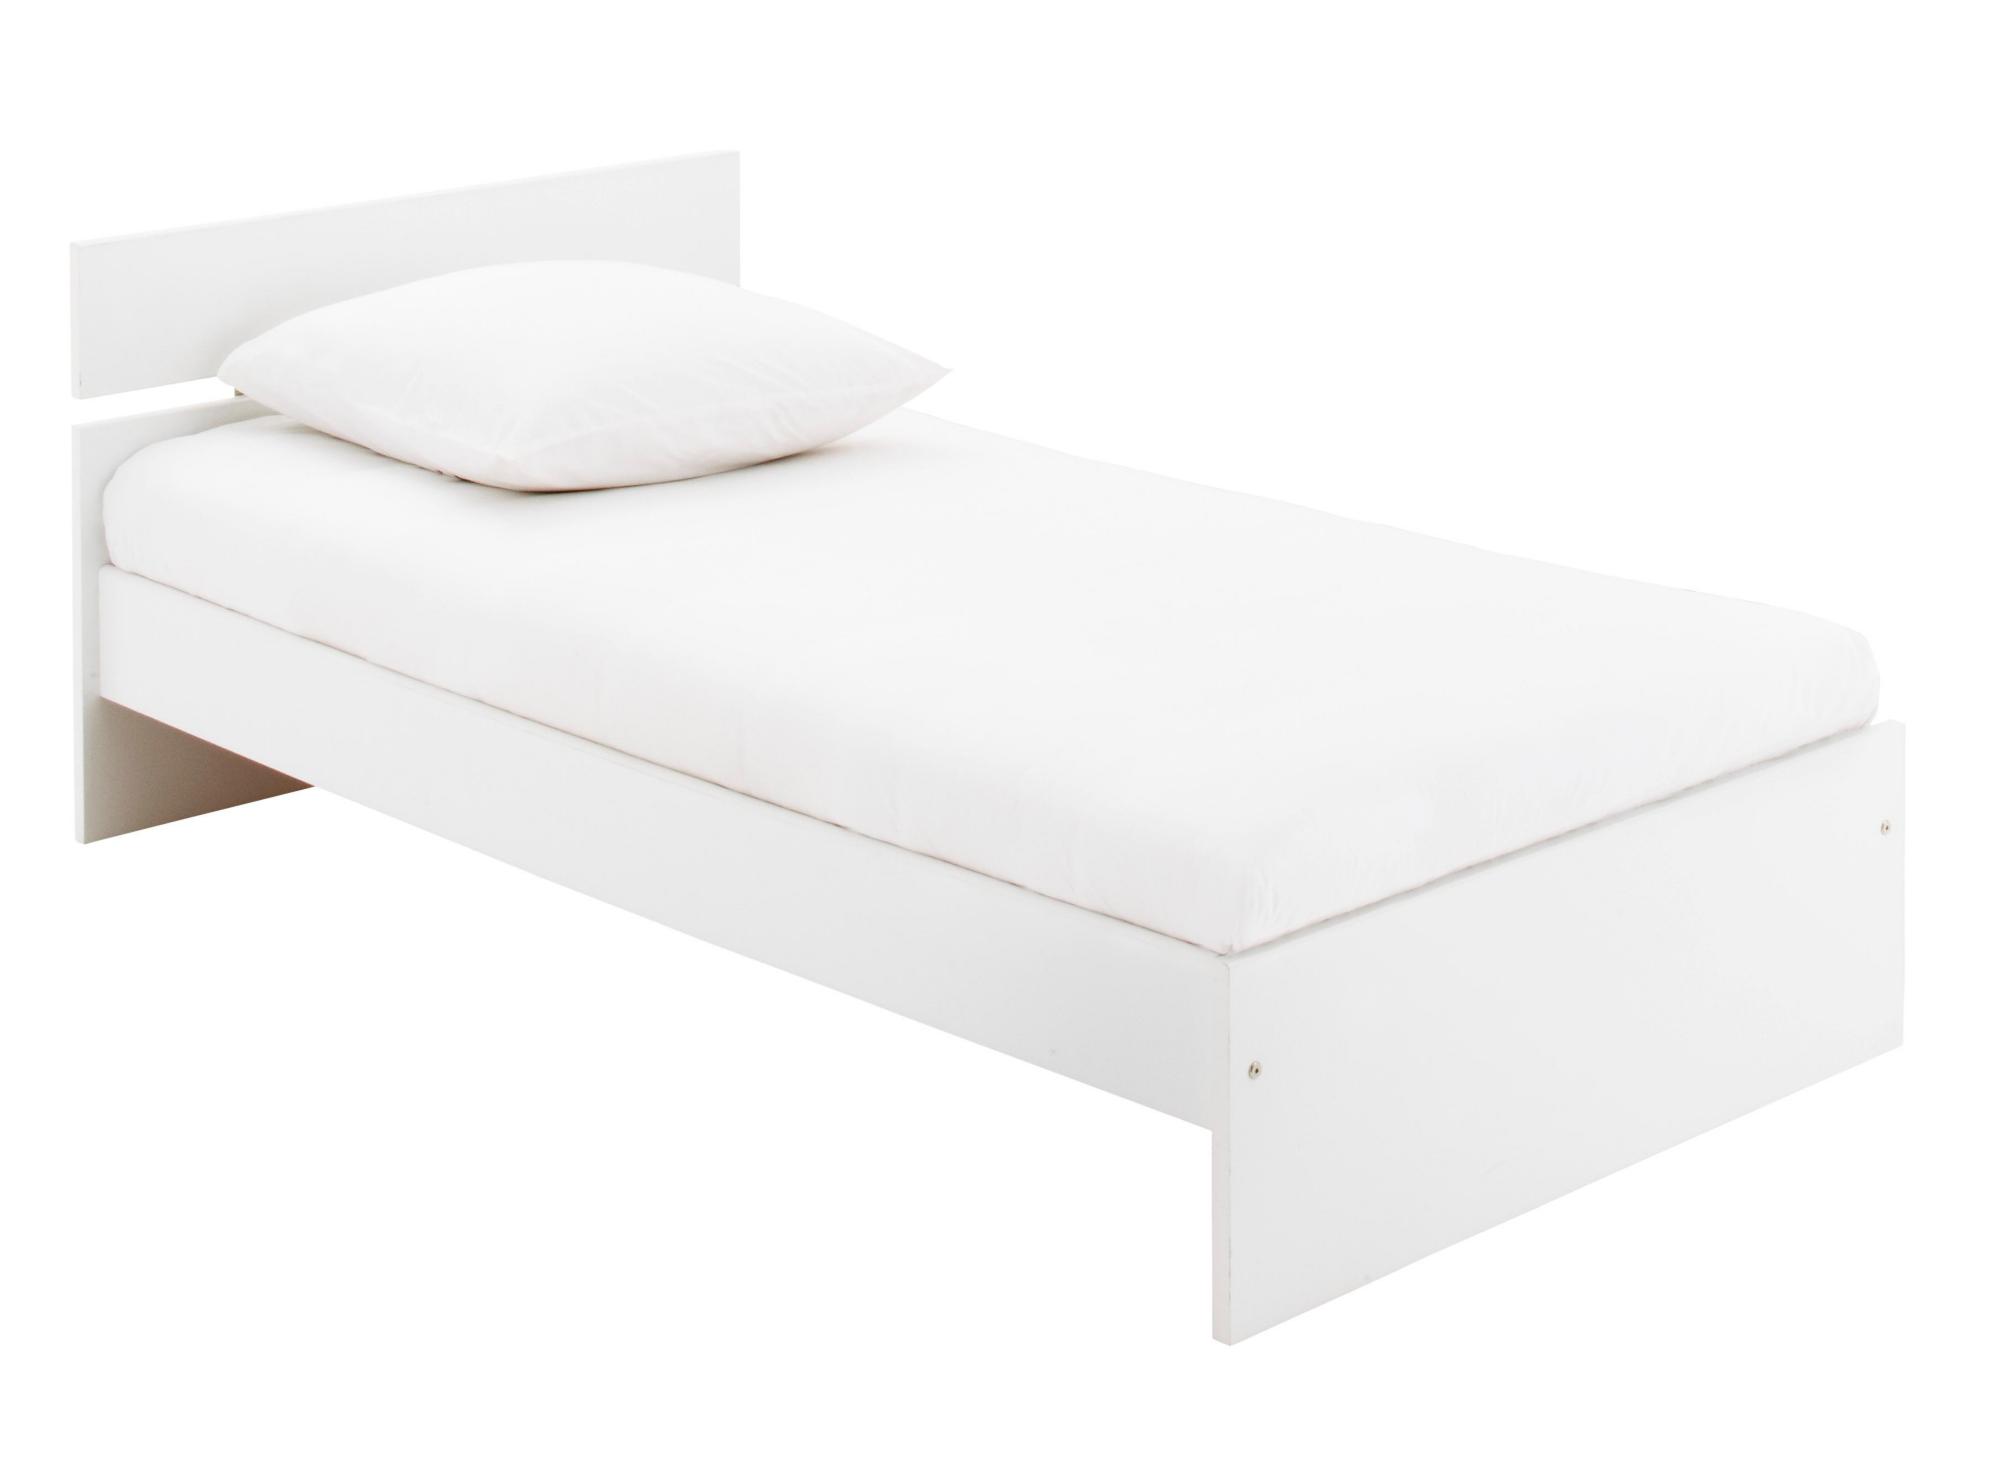 lit superpose fly fashion designs. Black Bedroom Furniture Sets. Home Design Ideas